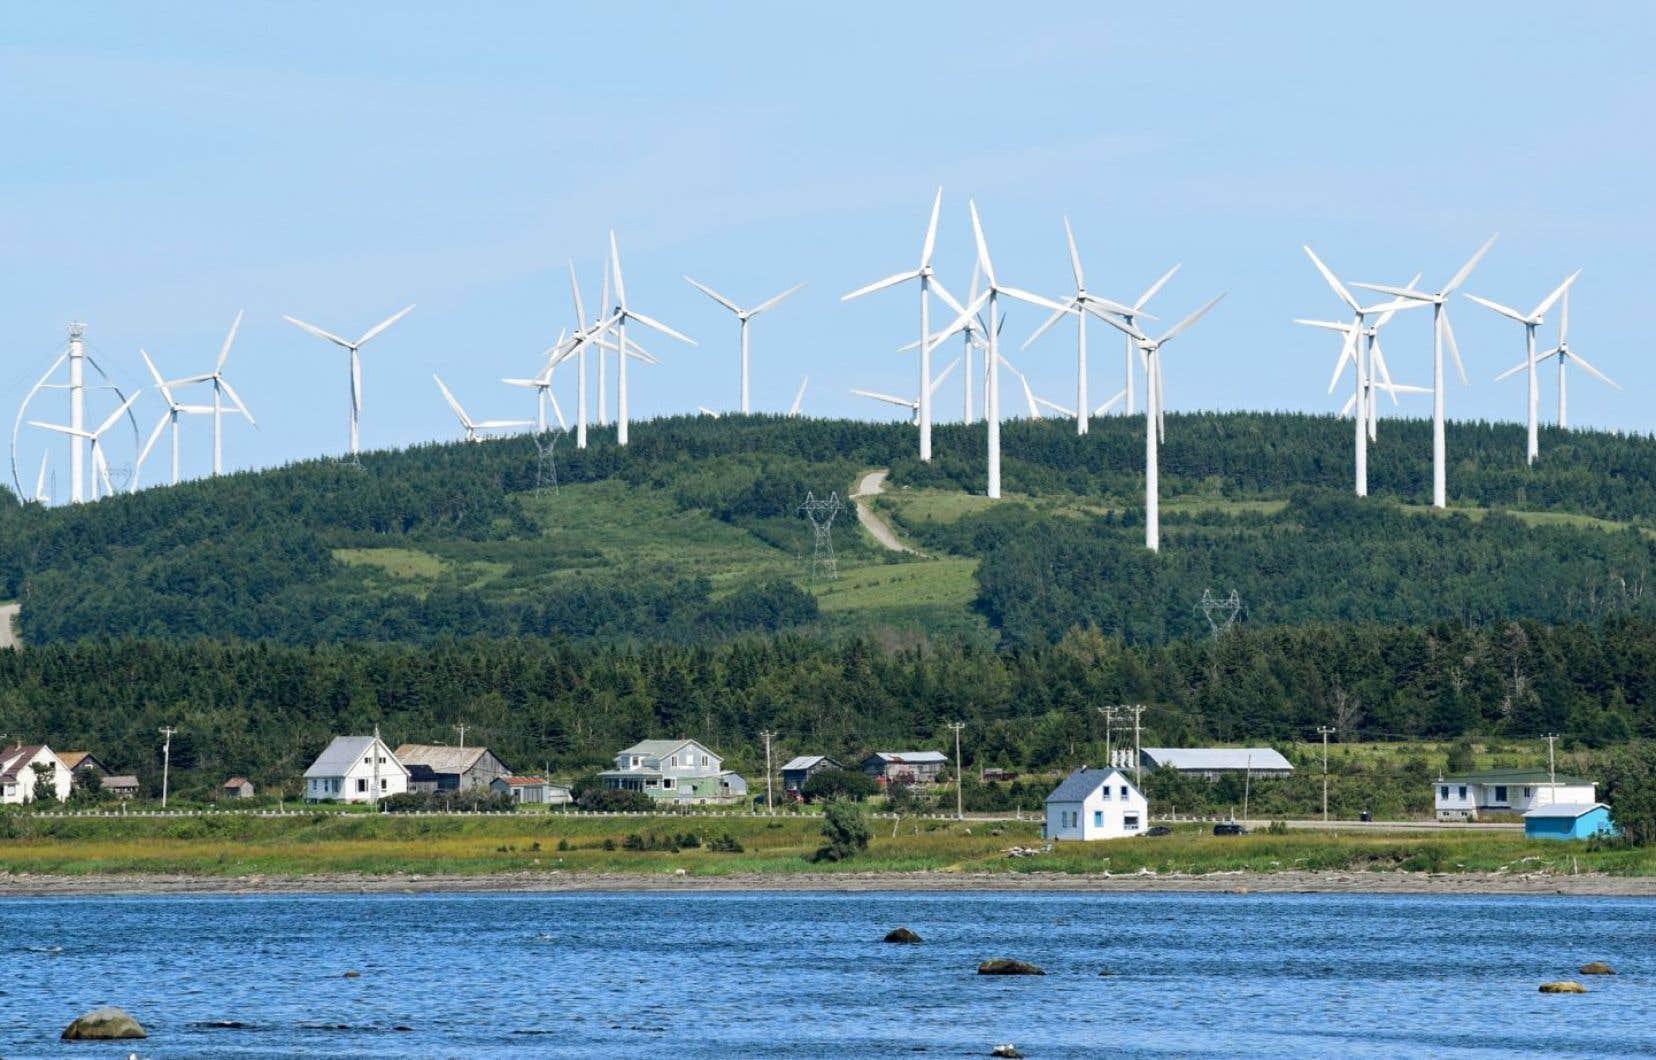 Les derniers parcs éoliens du Québec doivent entrer en service l'an prochain.